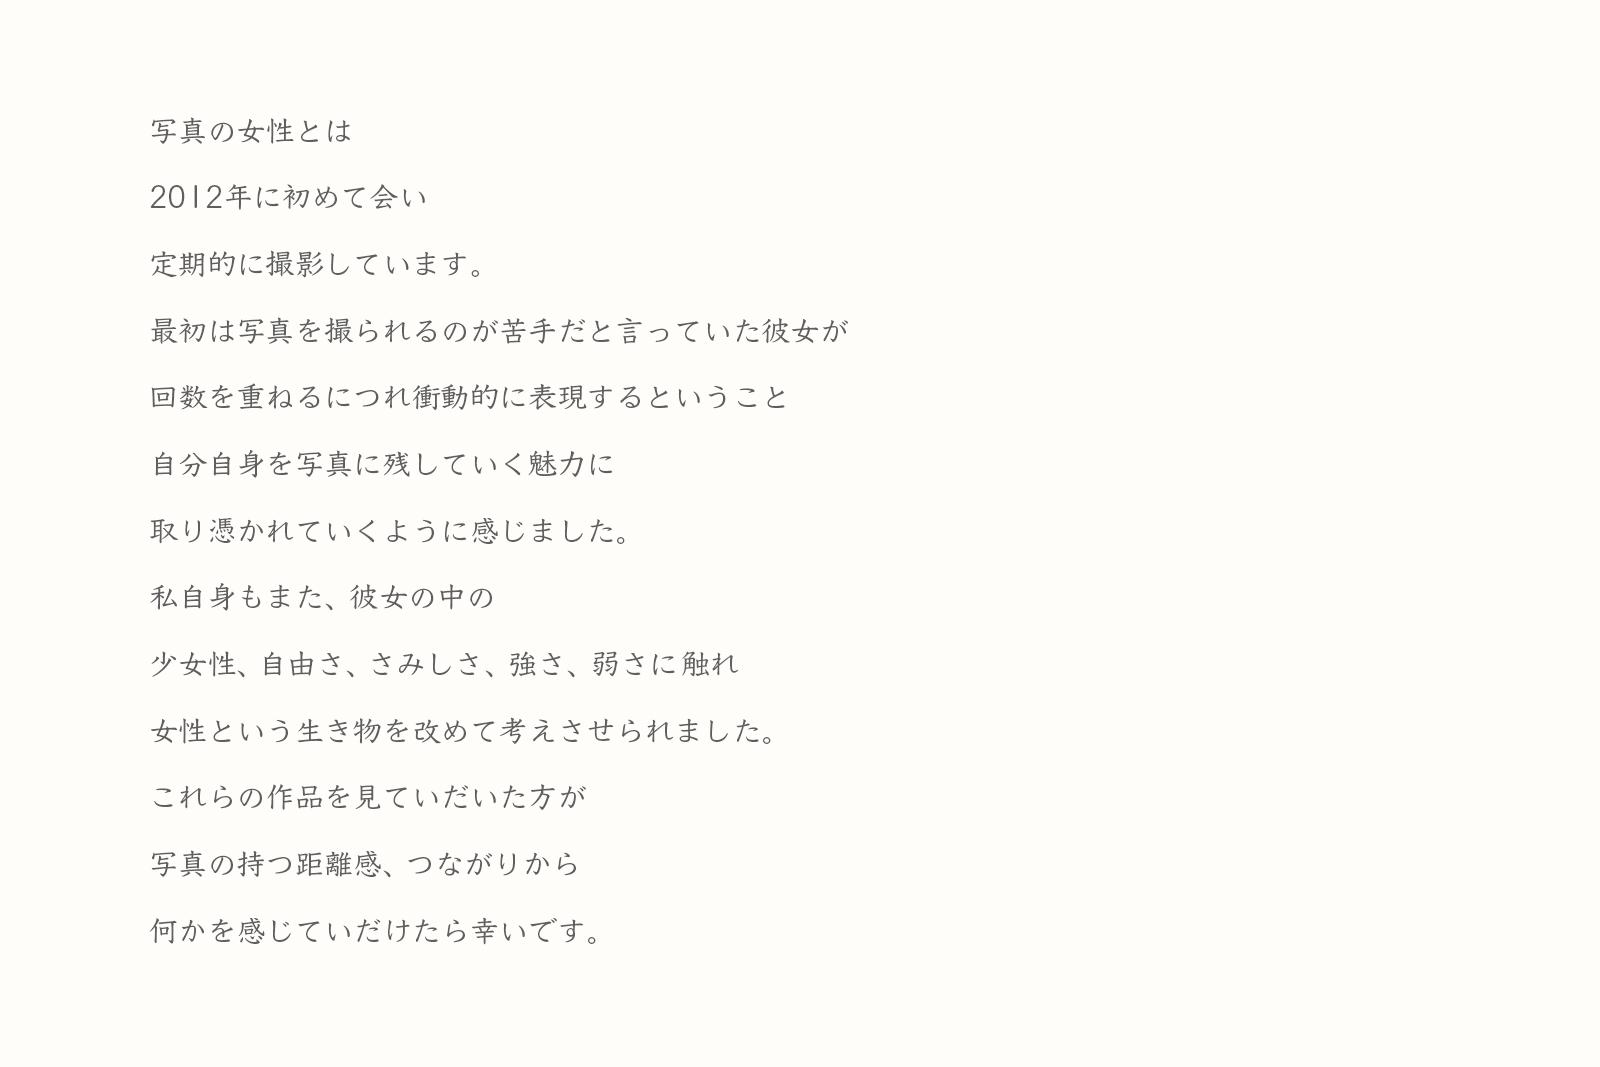 Mitsugetsu_statementJP_2000px.jpg